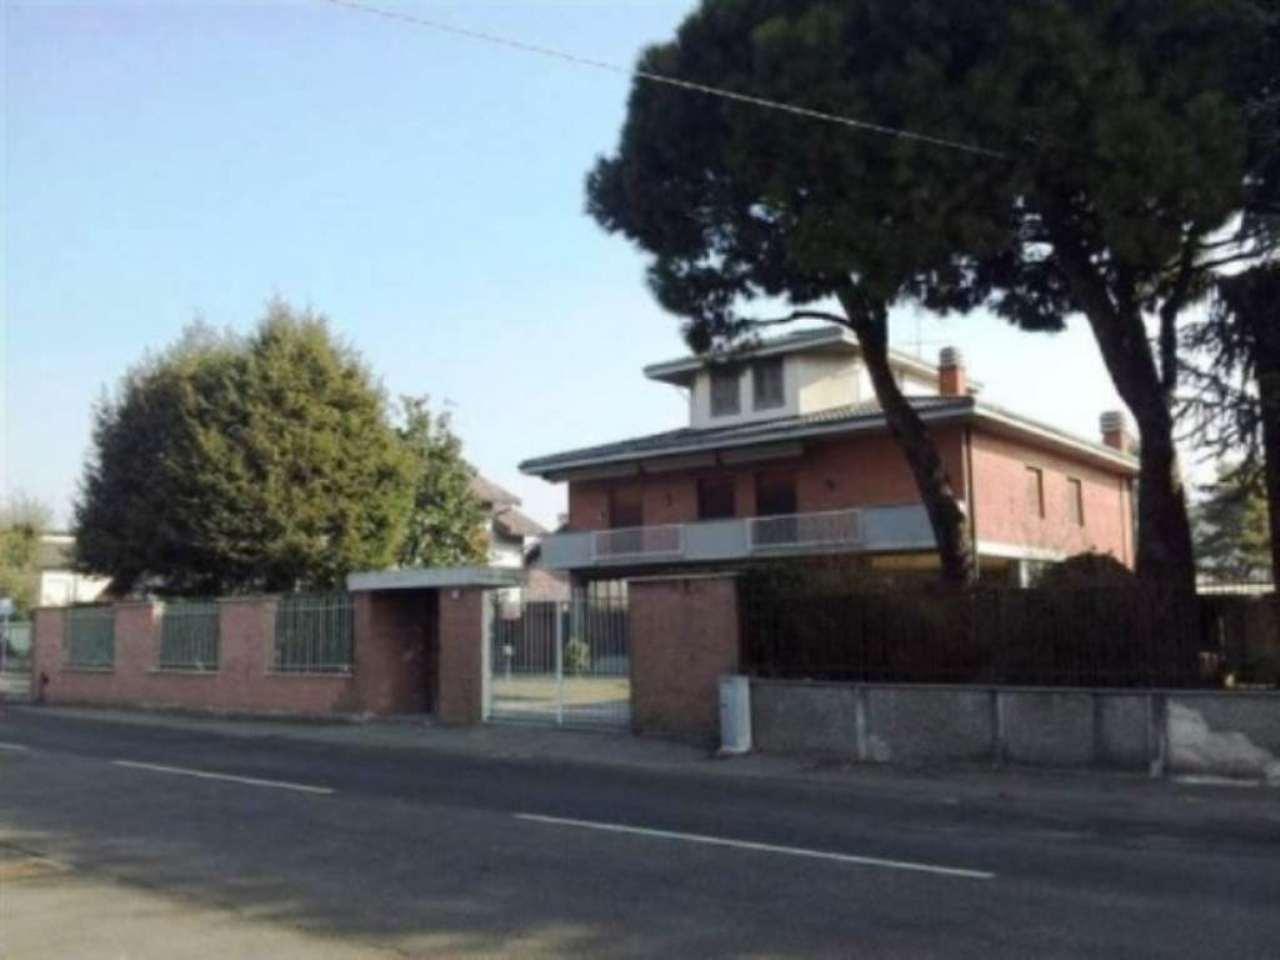 Villa in vendita a Origgio, 6 locali, prezzo € 590.000 | CambioCasa.it